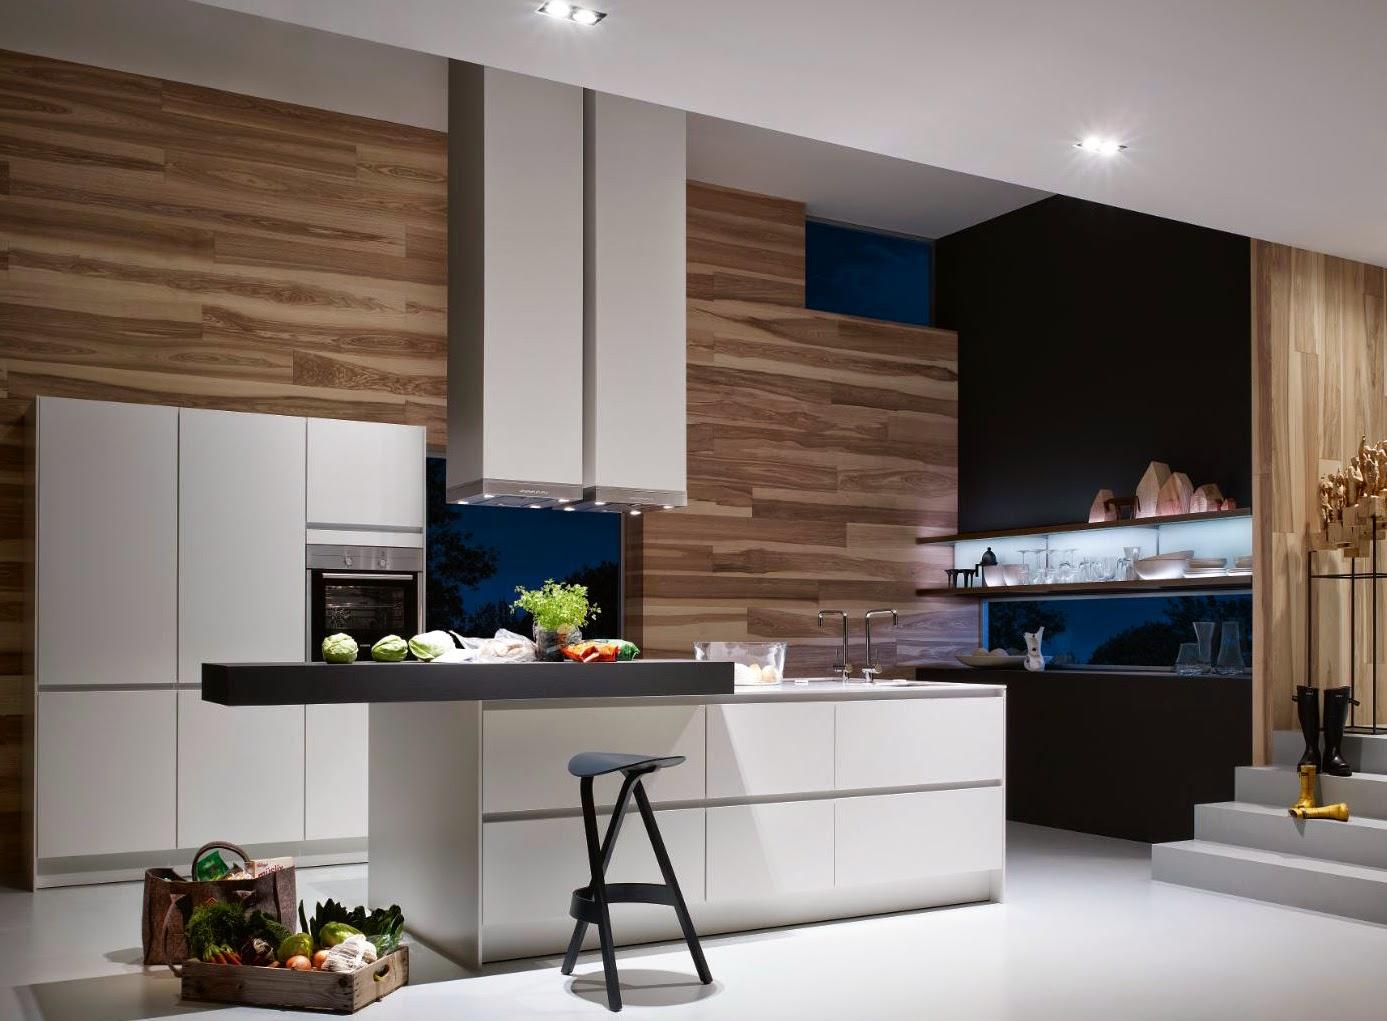 Another Image For de Cozinhas com Ilha Central e Ilha Americana! Veja  #644835 1387 1021